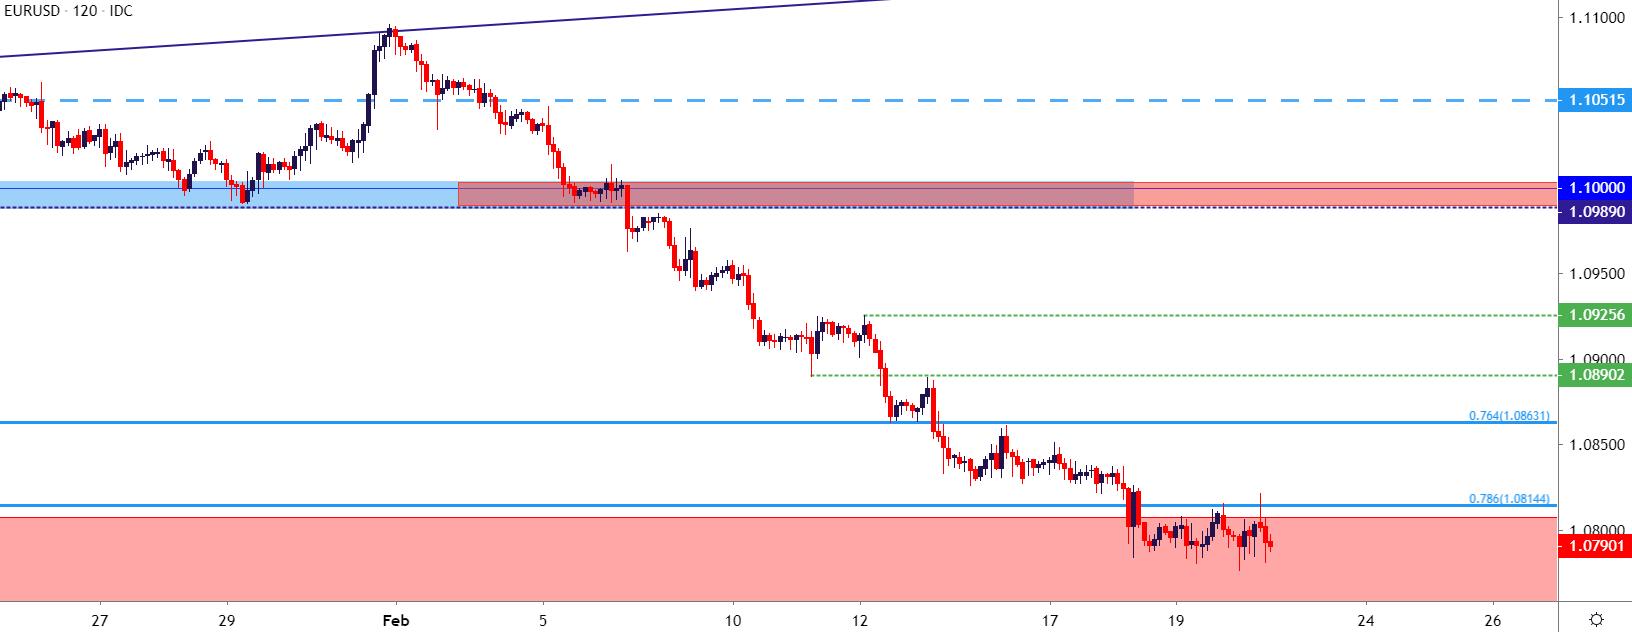 美元走势分析:欧元/美元、美元/加元、美元/日元